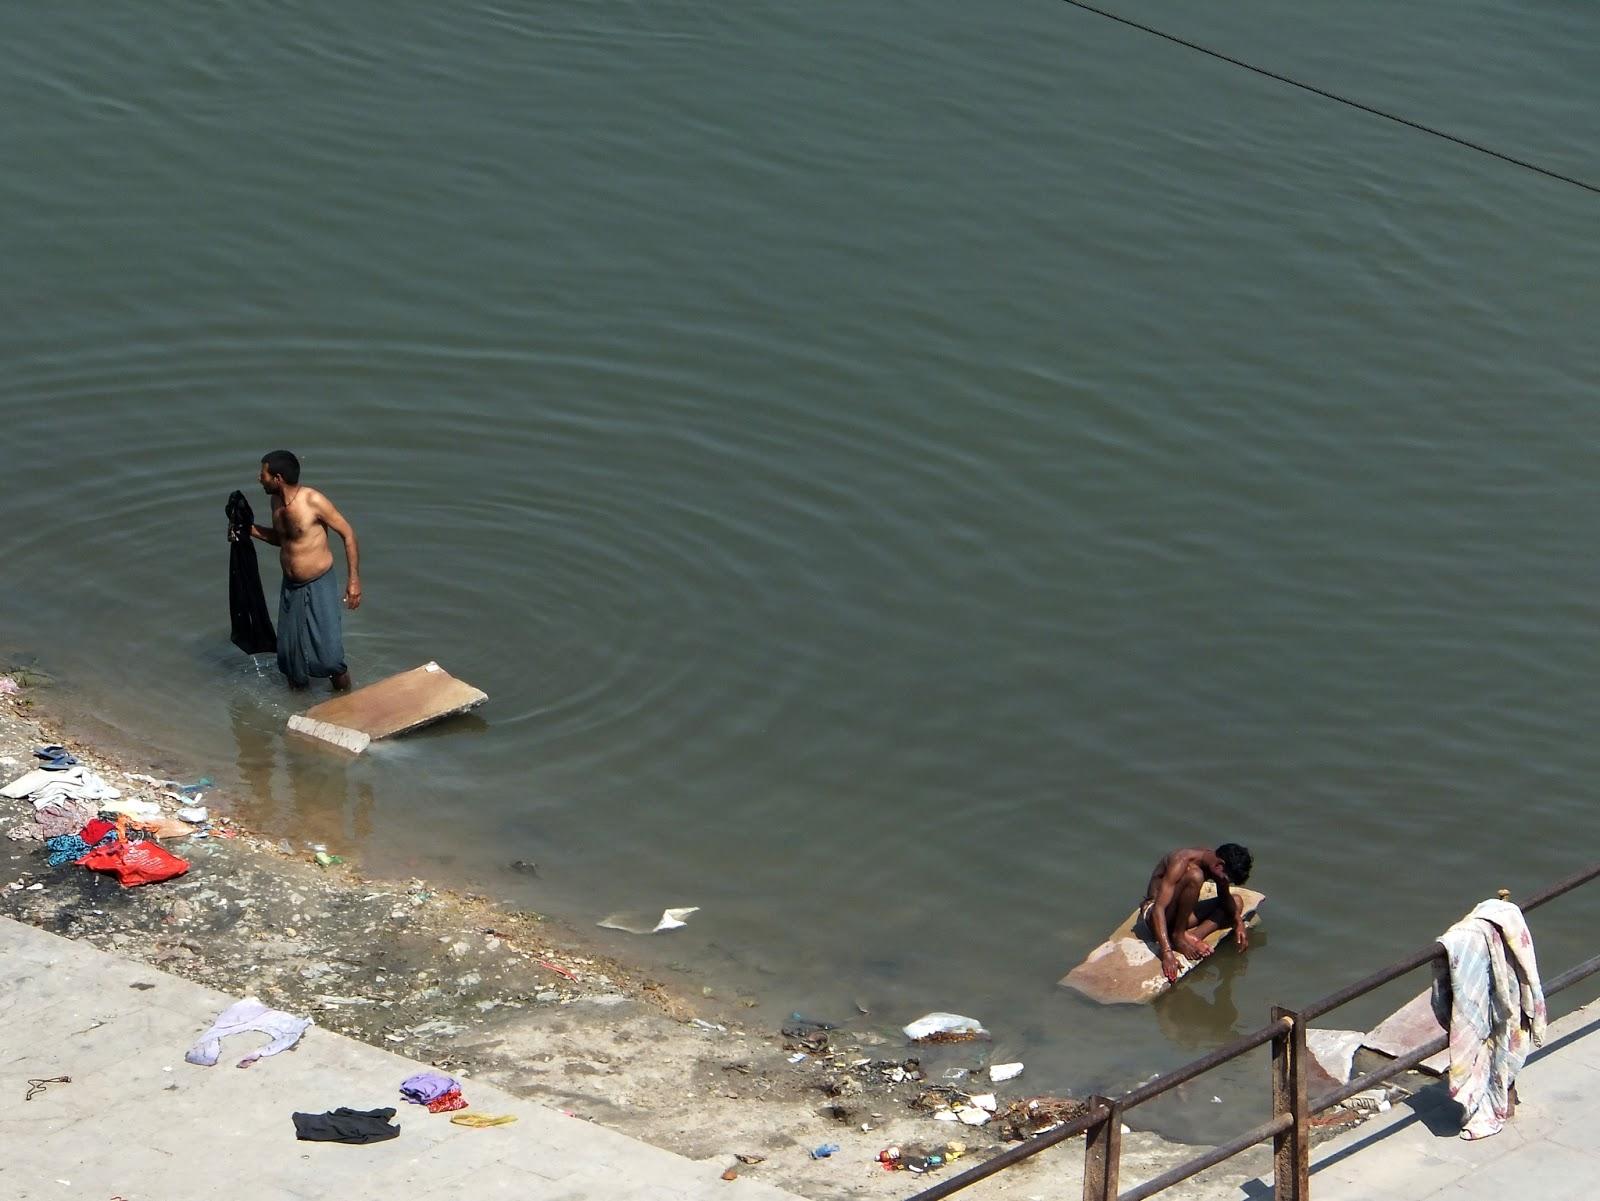 индусы моются в реке